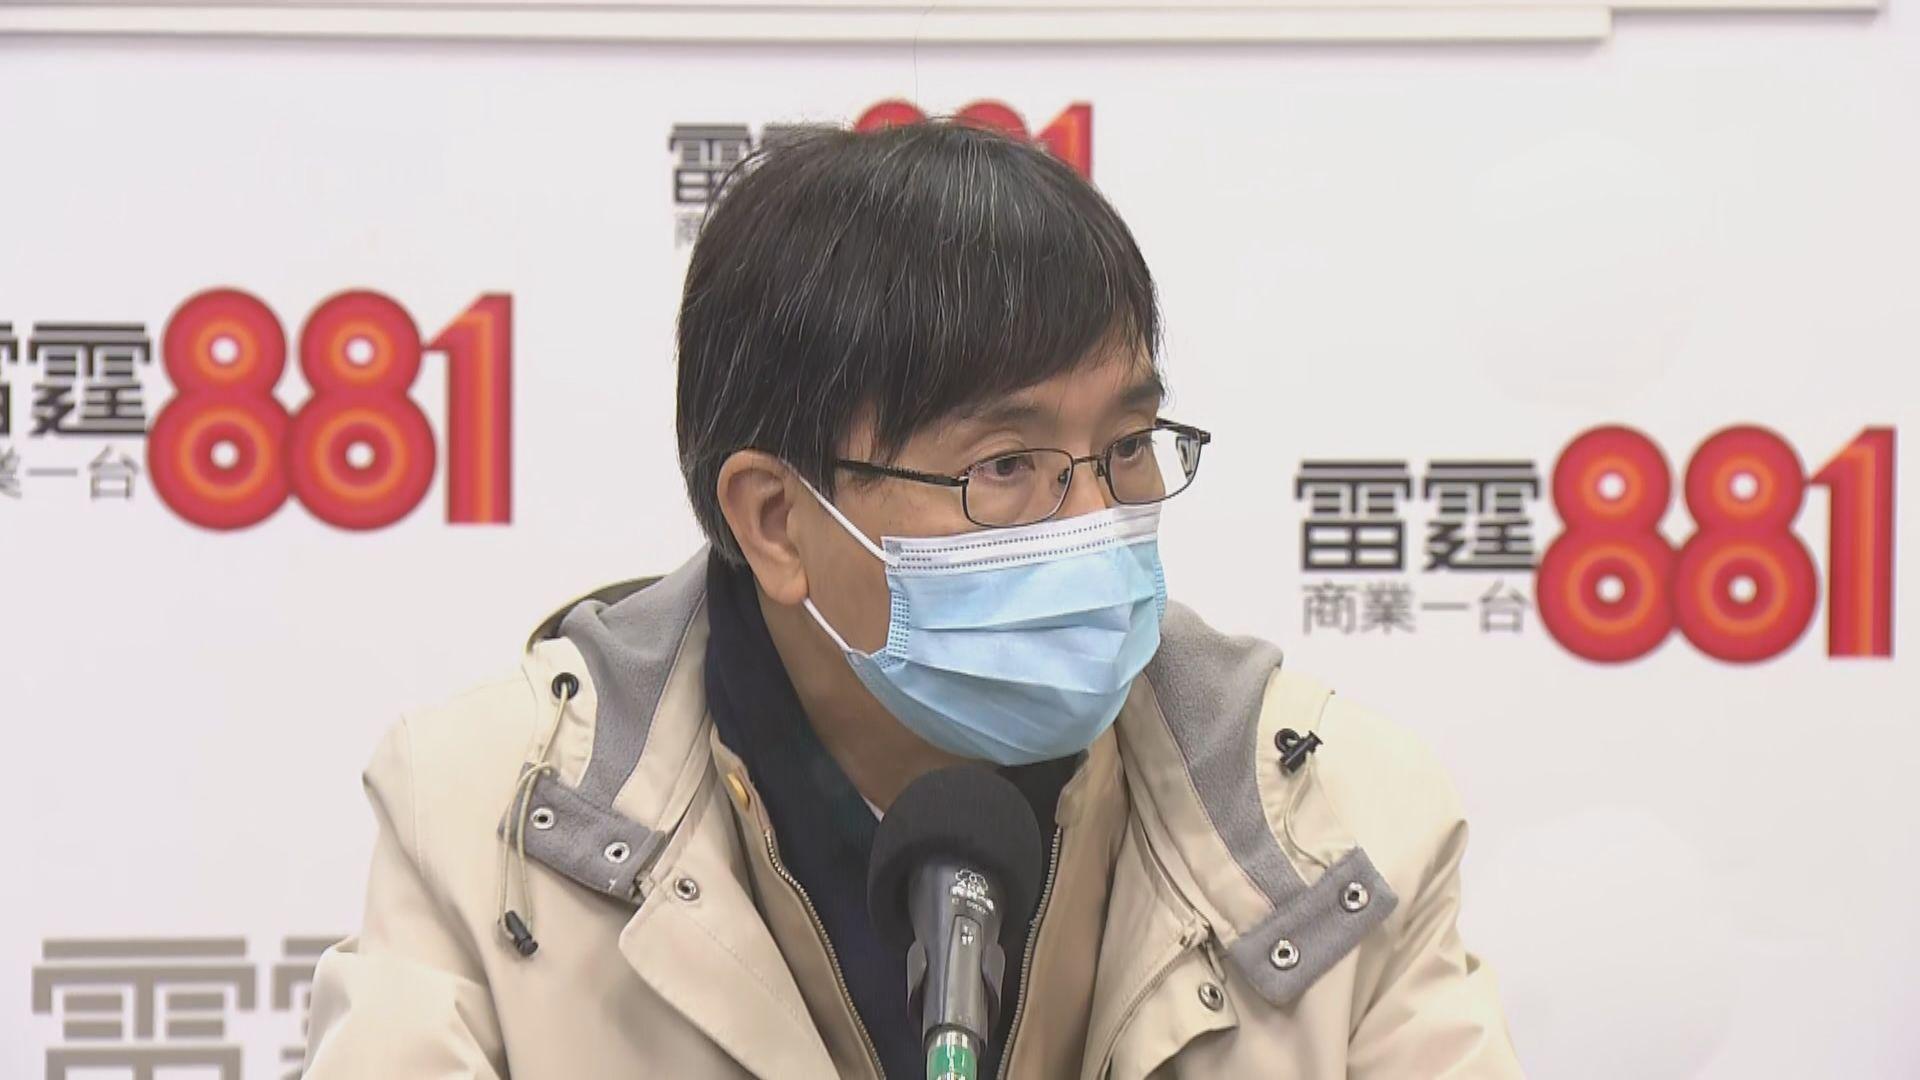 袁國勇:需將關口人流減到最低